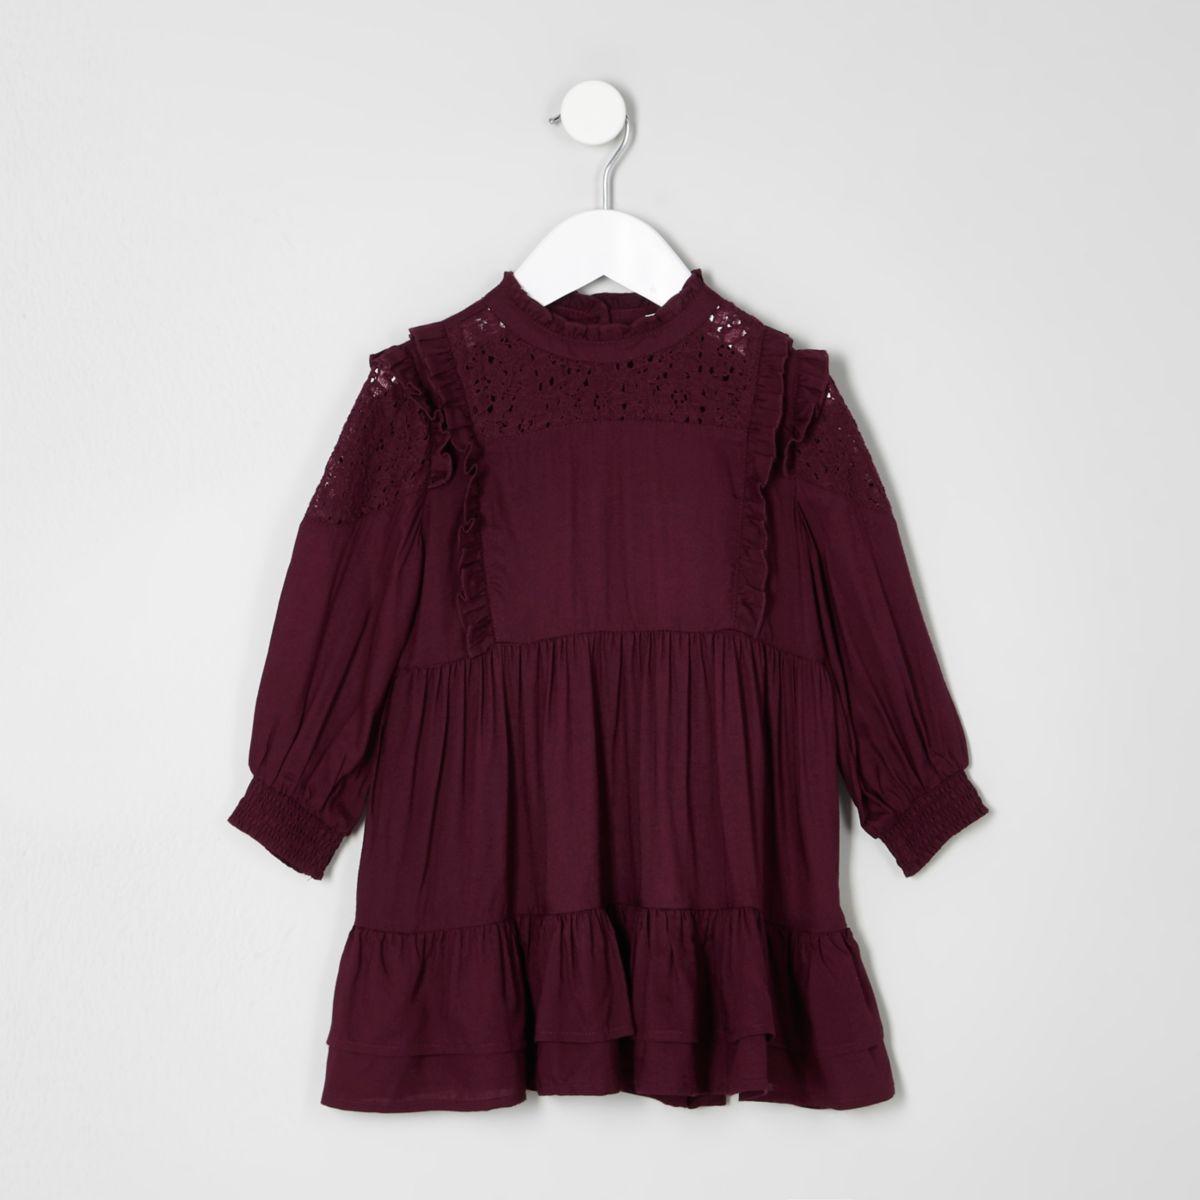 Hochgeschlossenes Kleid mit Rüschen in dunklem Lila